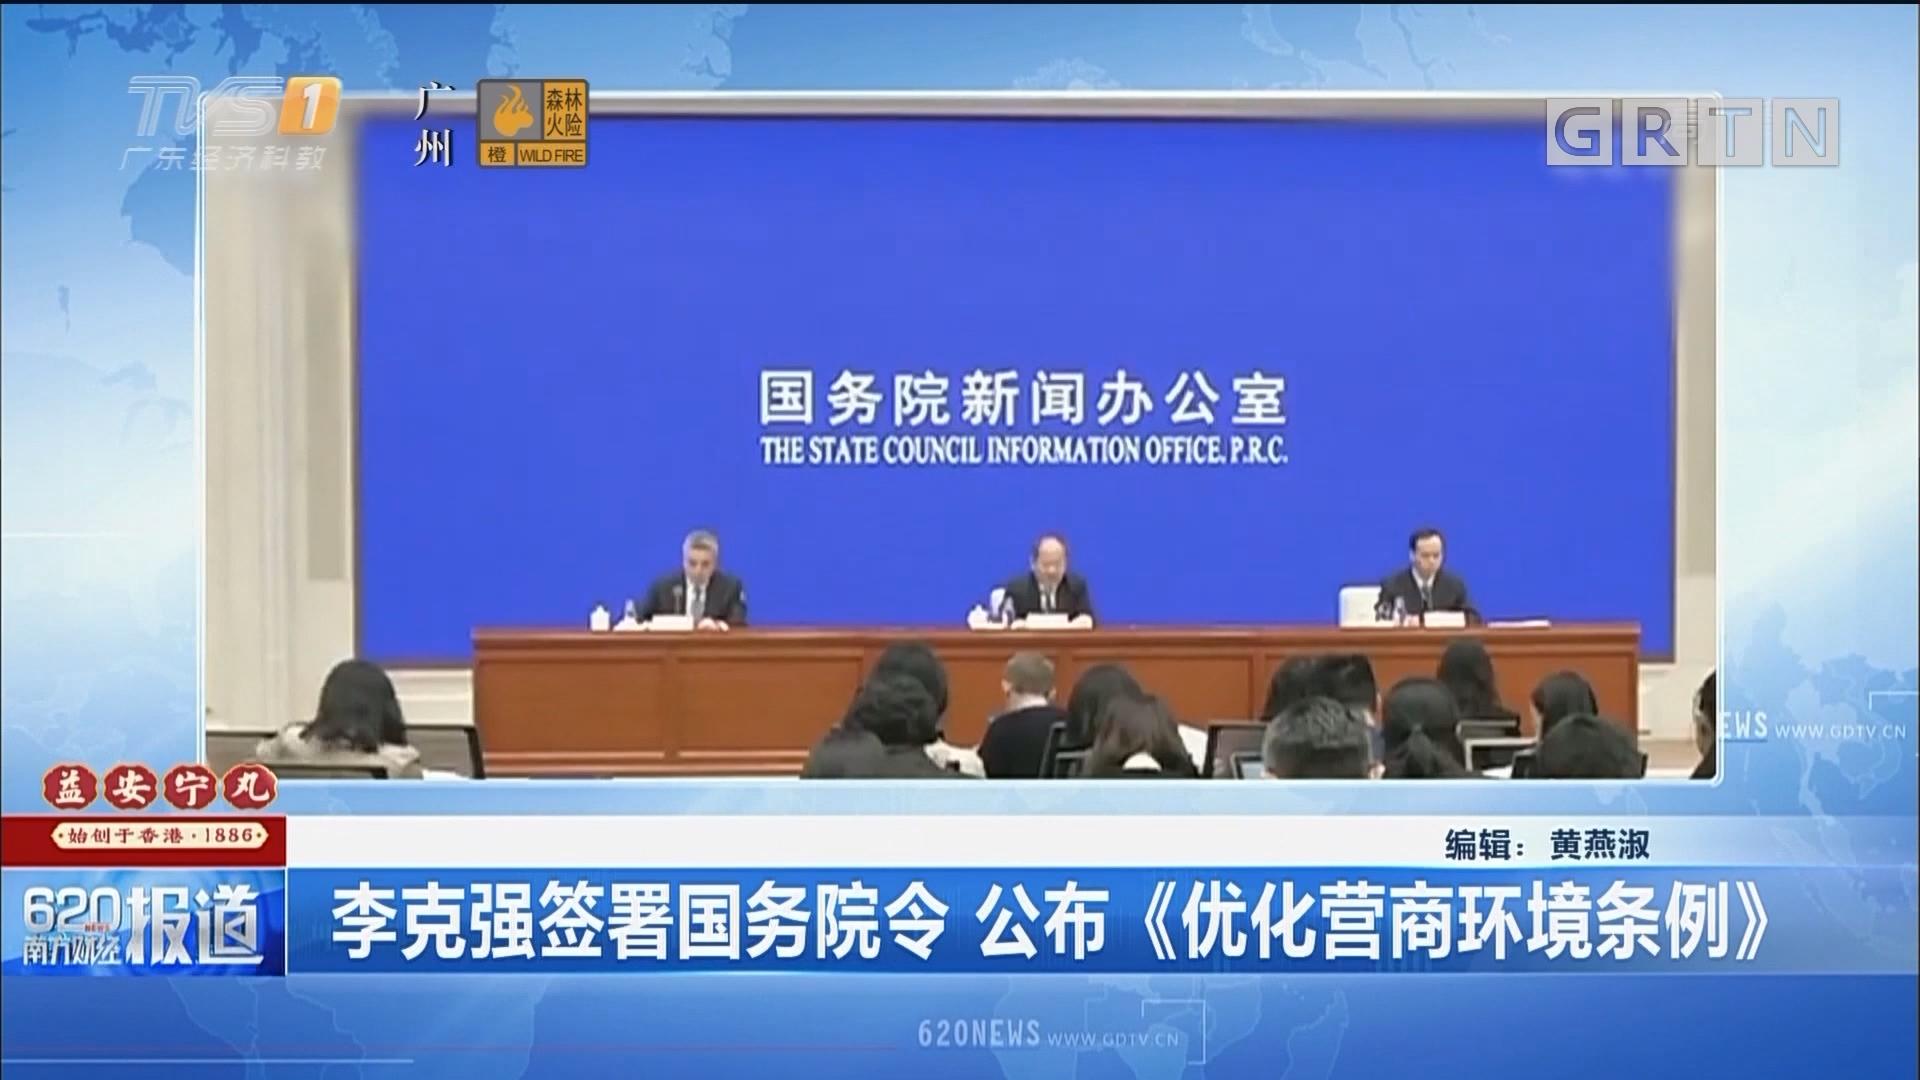 李克强签署国务院令 公布《优化营商环境条例》